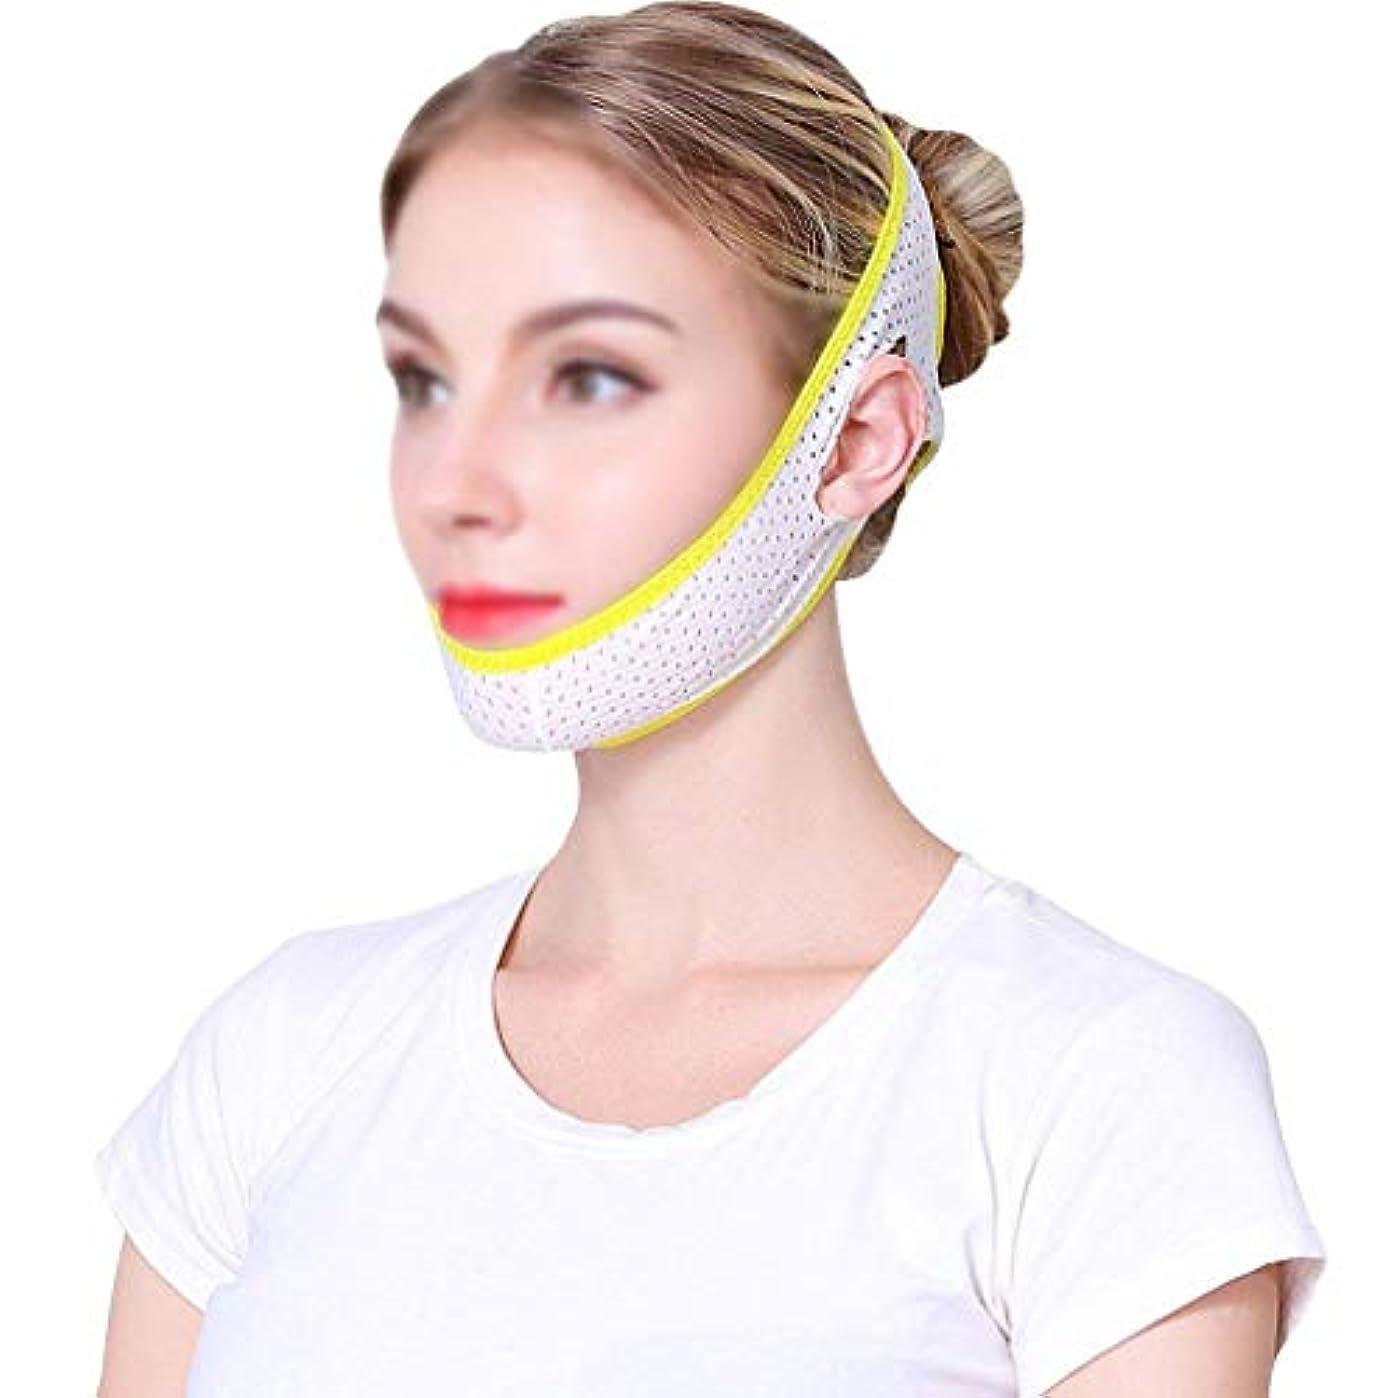 比較的最初に羽マスク、包帯、整形外科の夏の通気性の薄いセクション二重あごひものVの表面の薄いフェイスマスクを持ち上げて下さい